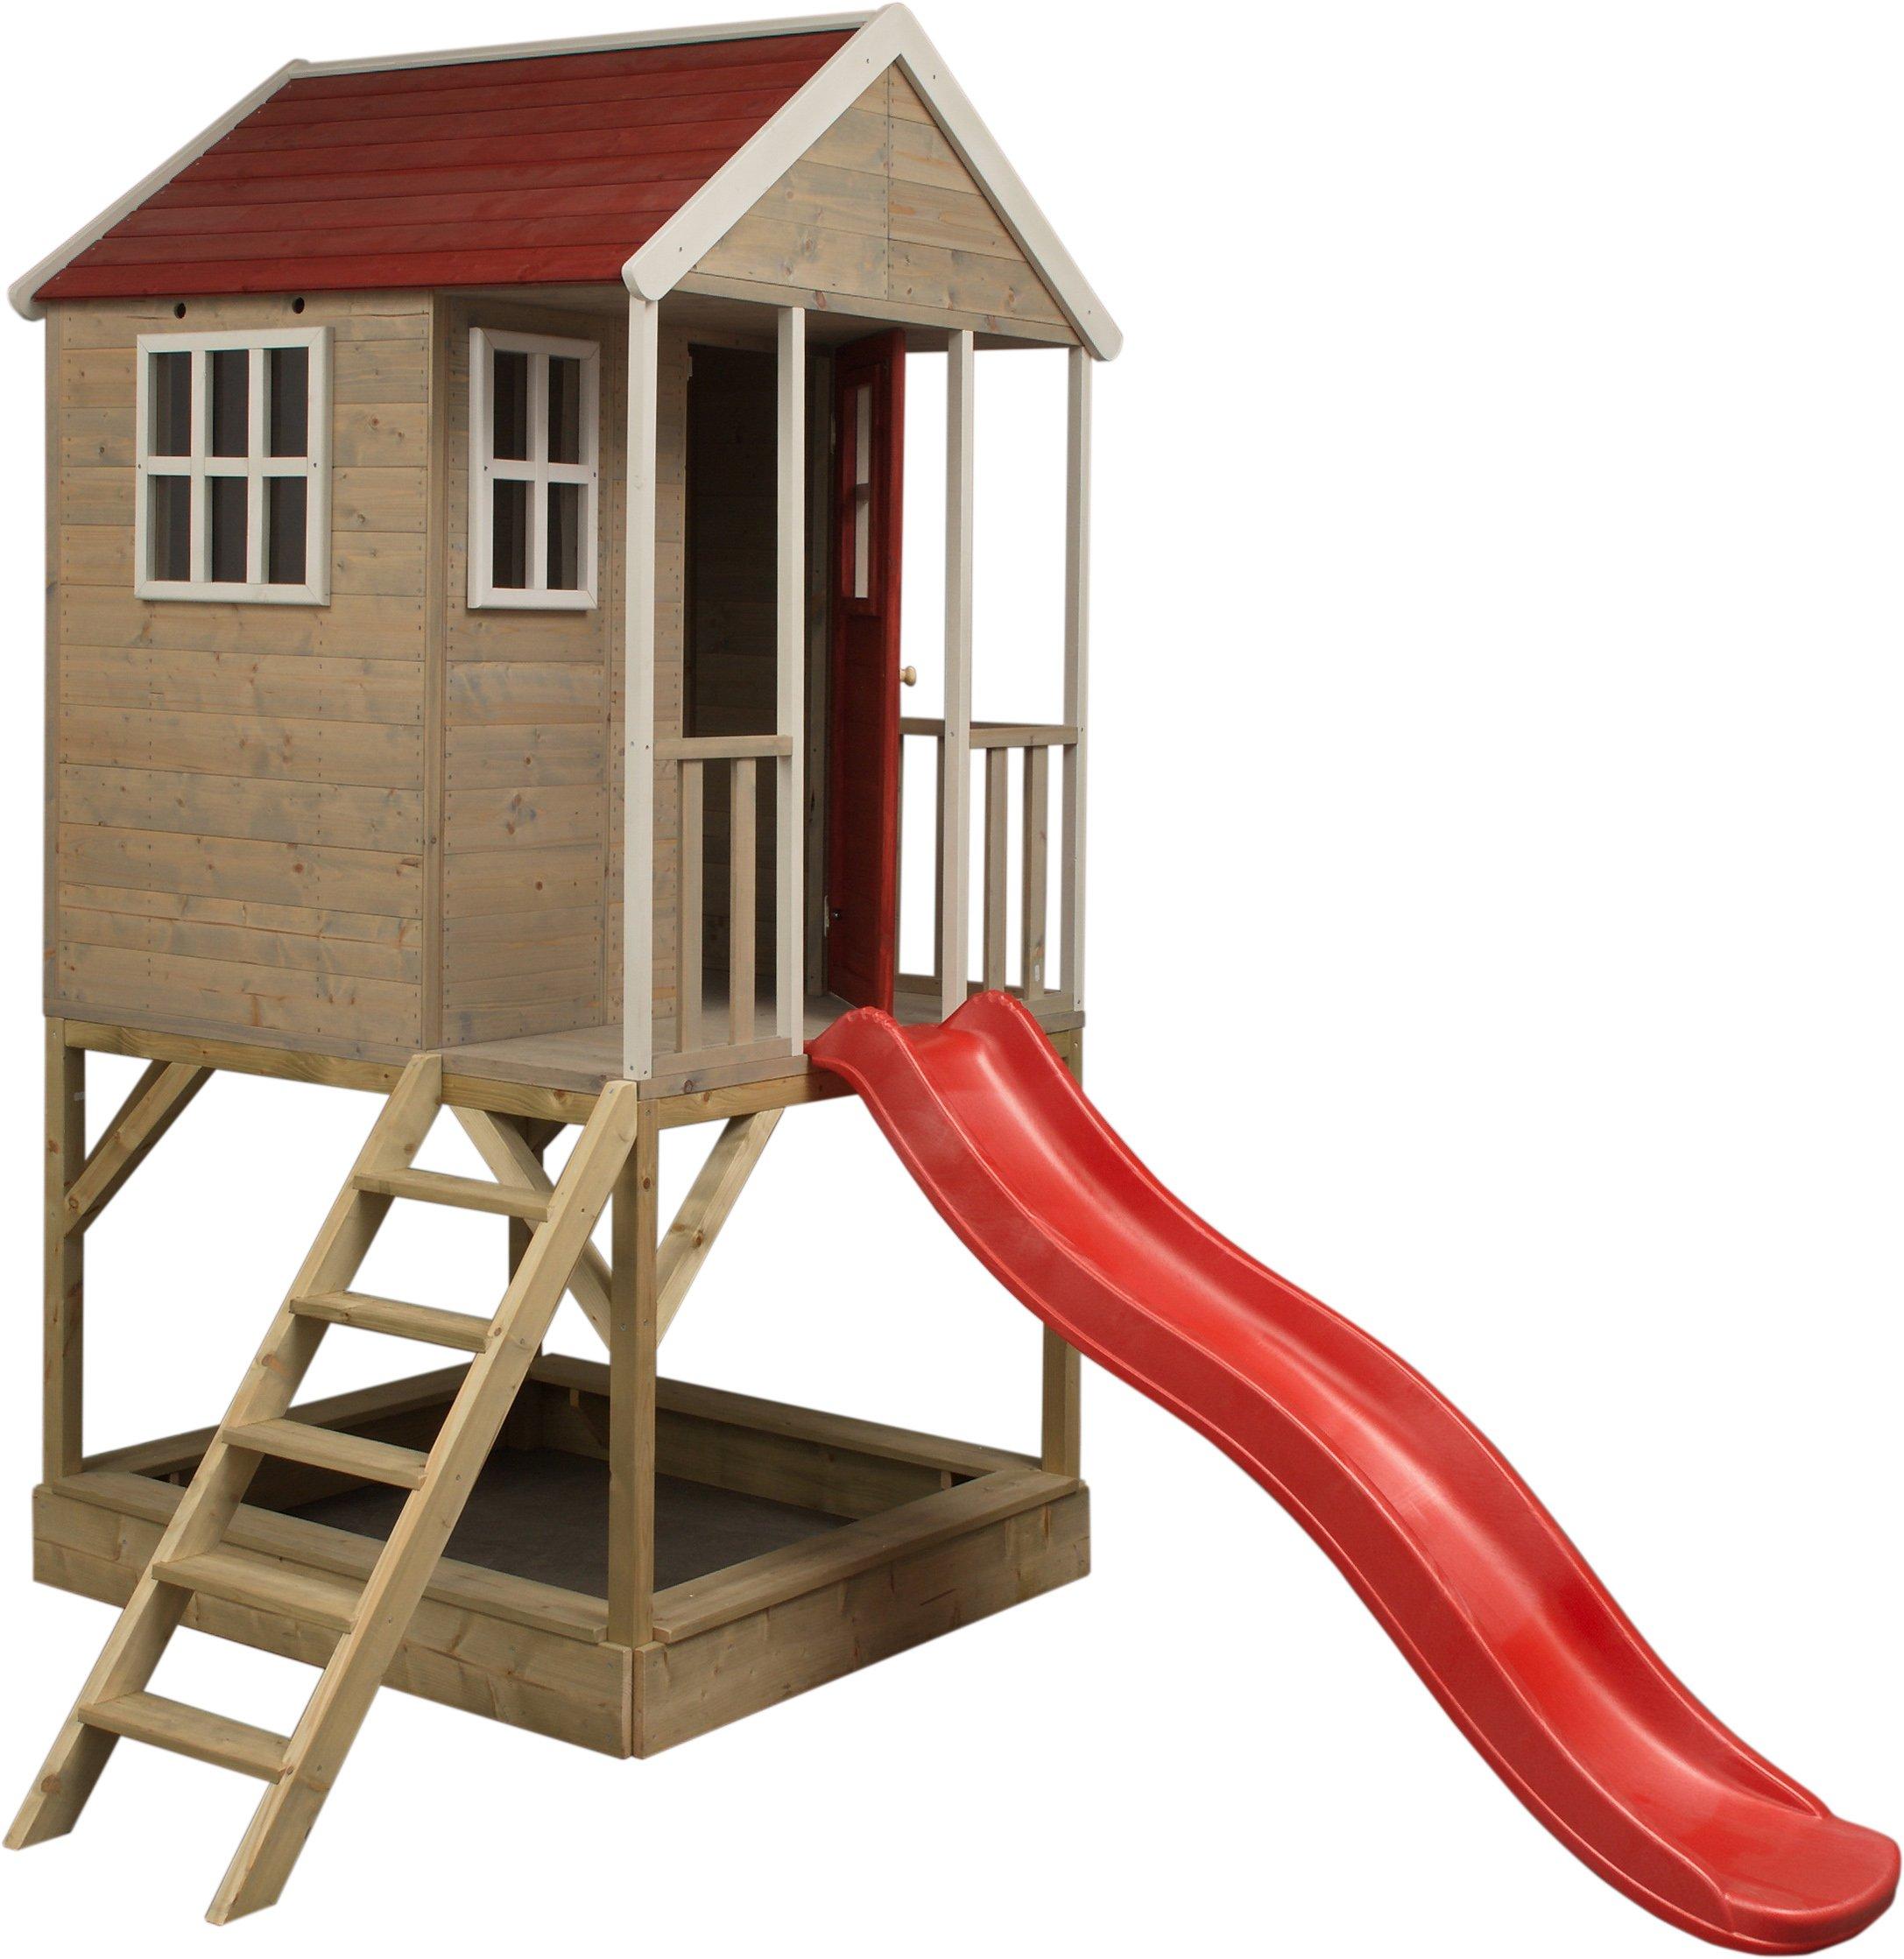 Wendi Toys M8 Nordic Adventure House | Casita infantil de madera para exterior | Casa de jardín de tipo abierto | casa de aventura nórdica en plataforma: Amazon.es: Juguetes y juegos